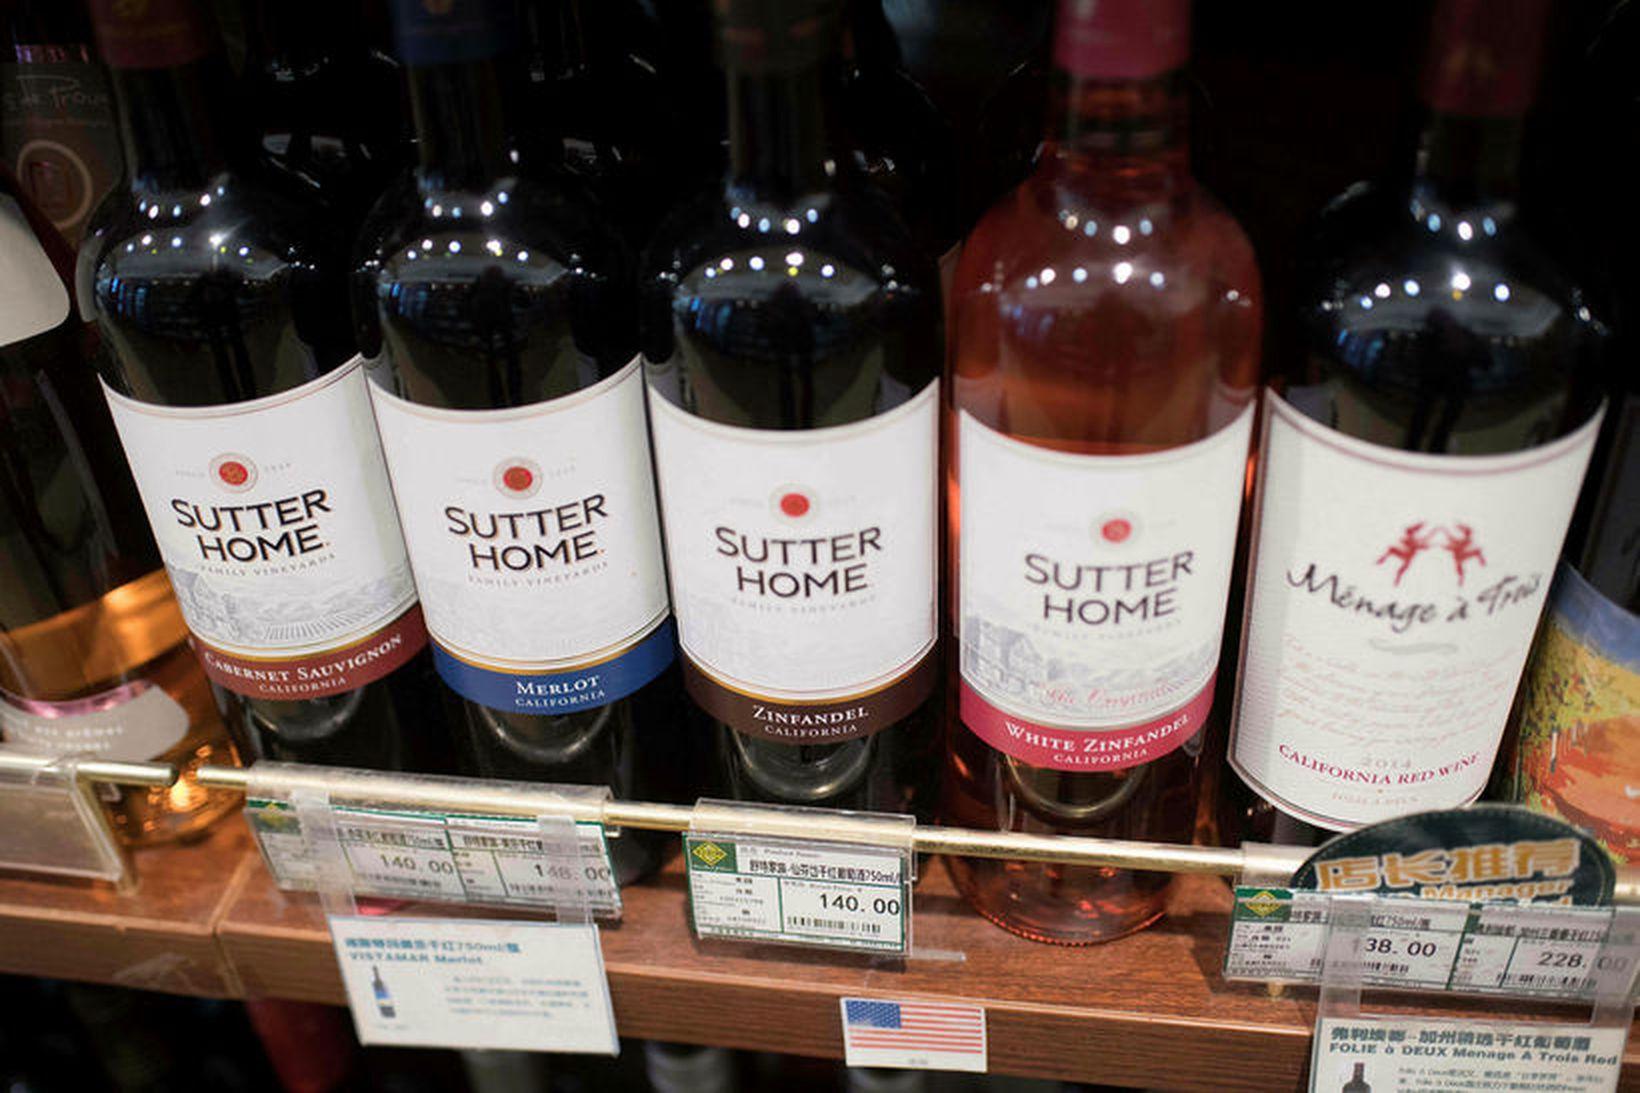 Bandarískt vín er á meðal þeirra vöruflokka sem Kínverjar hafa …